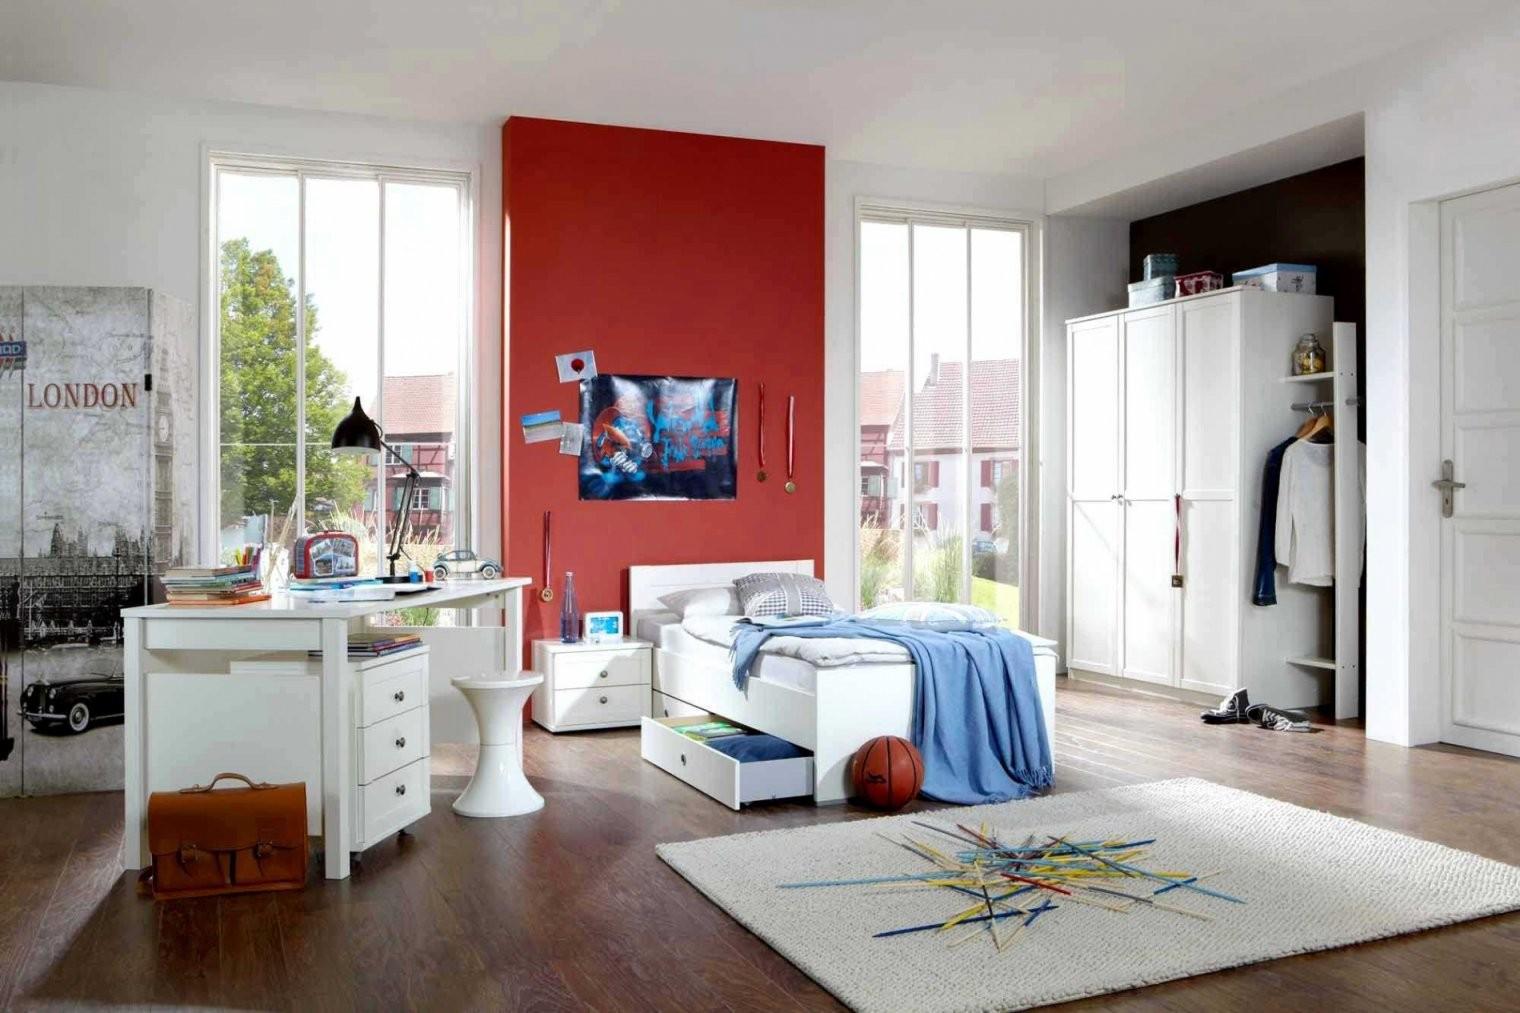 Kleine 1 Zimmer Wohnung Einrichten — Temobardz Home Blog von 40 Qm Wohnung Einrichten Photo